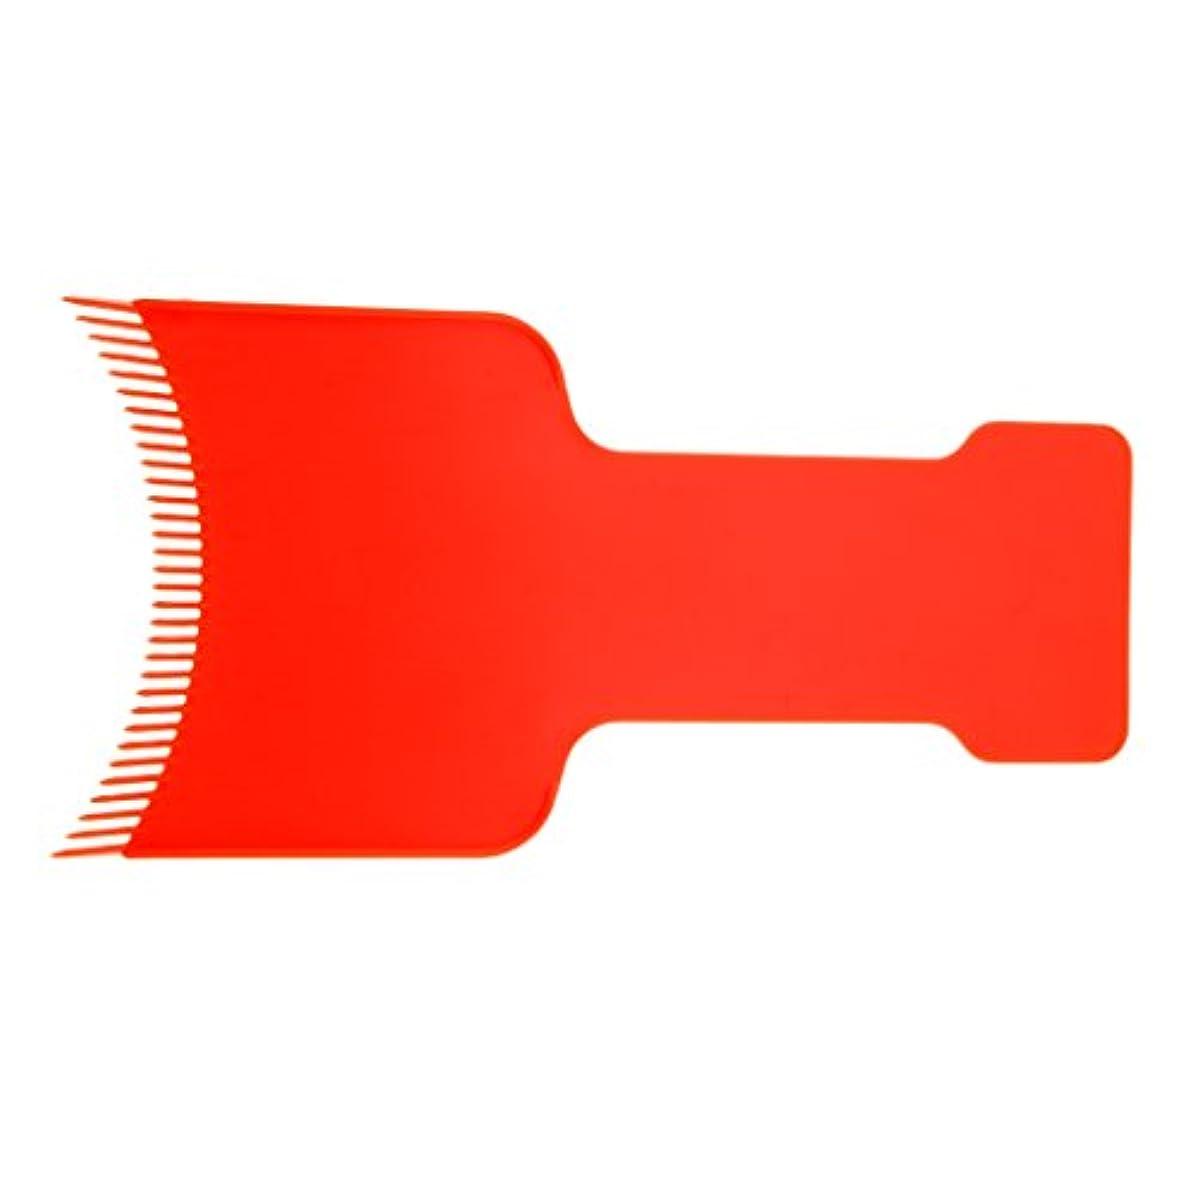 ブラウスバンカー引退したToygogo サロンヘアカラーボード 染毛剤プレート 理髪理髪ヘアカラーボード19x9.5 Cm